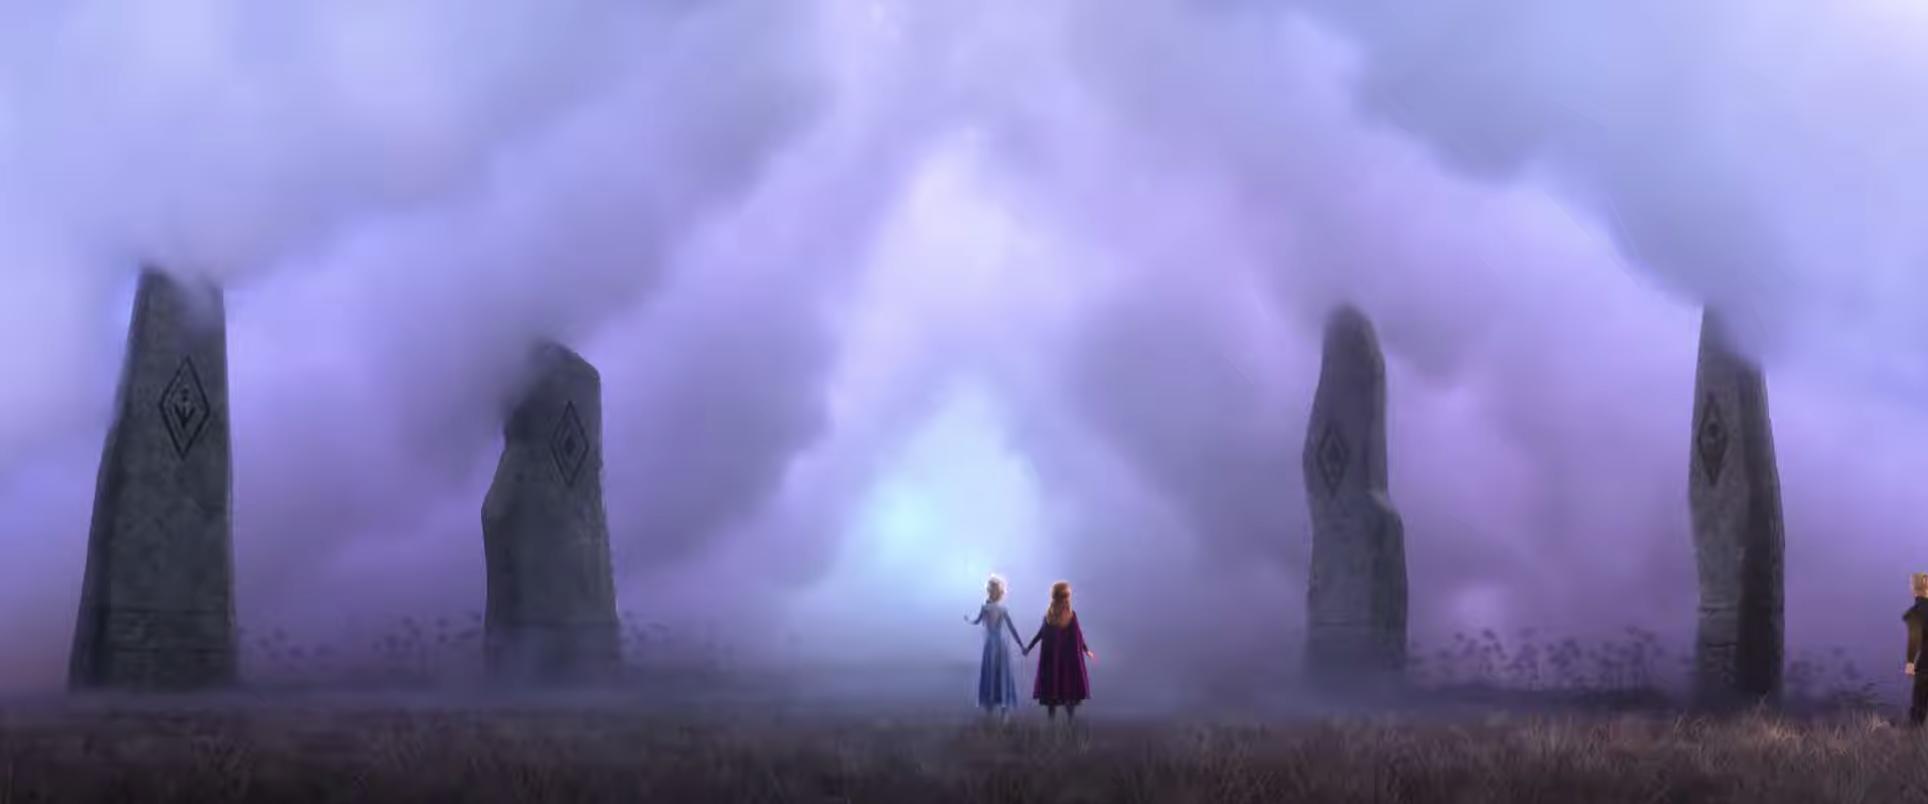 Frozen 2 tung trailer hoành tráng chẳng khác nào phim siêu anh hùng - Ảnh 6.